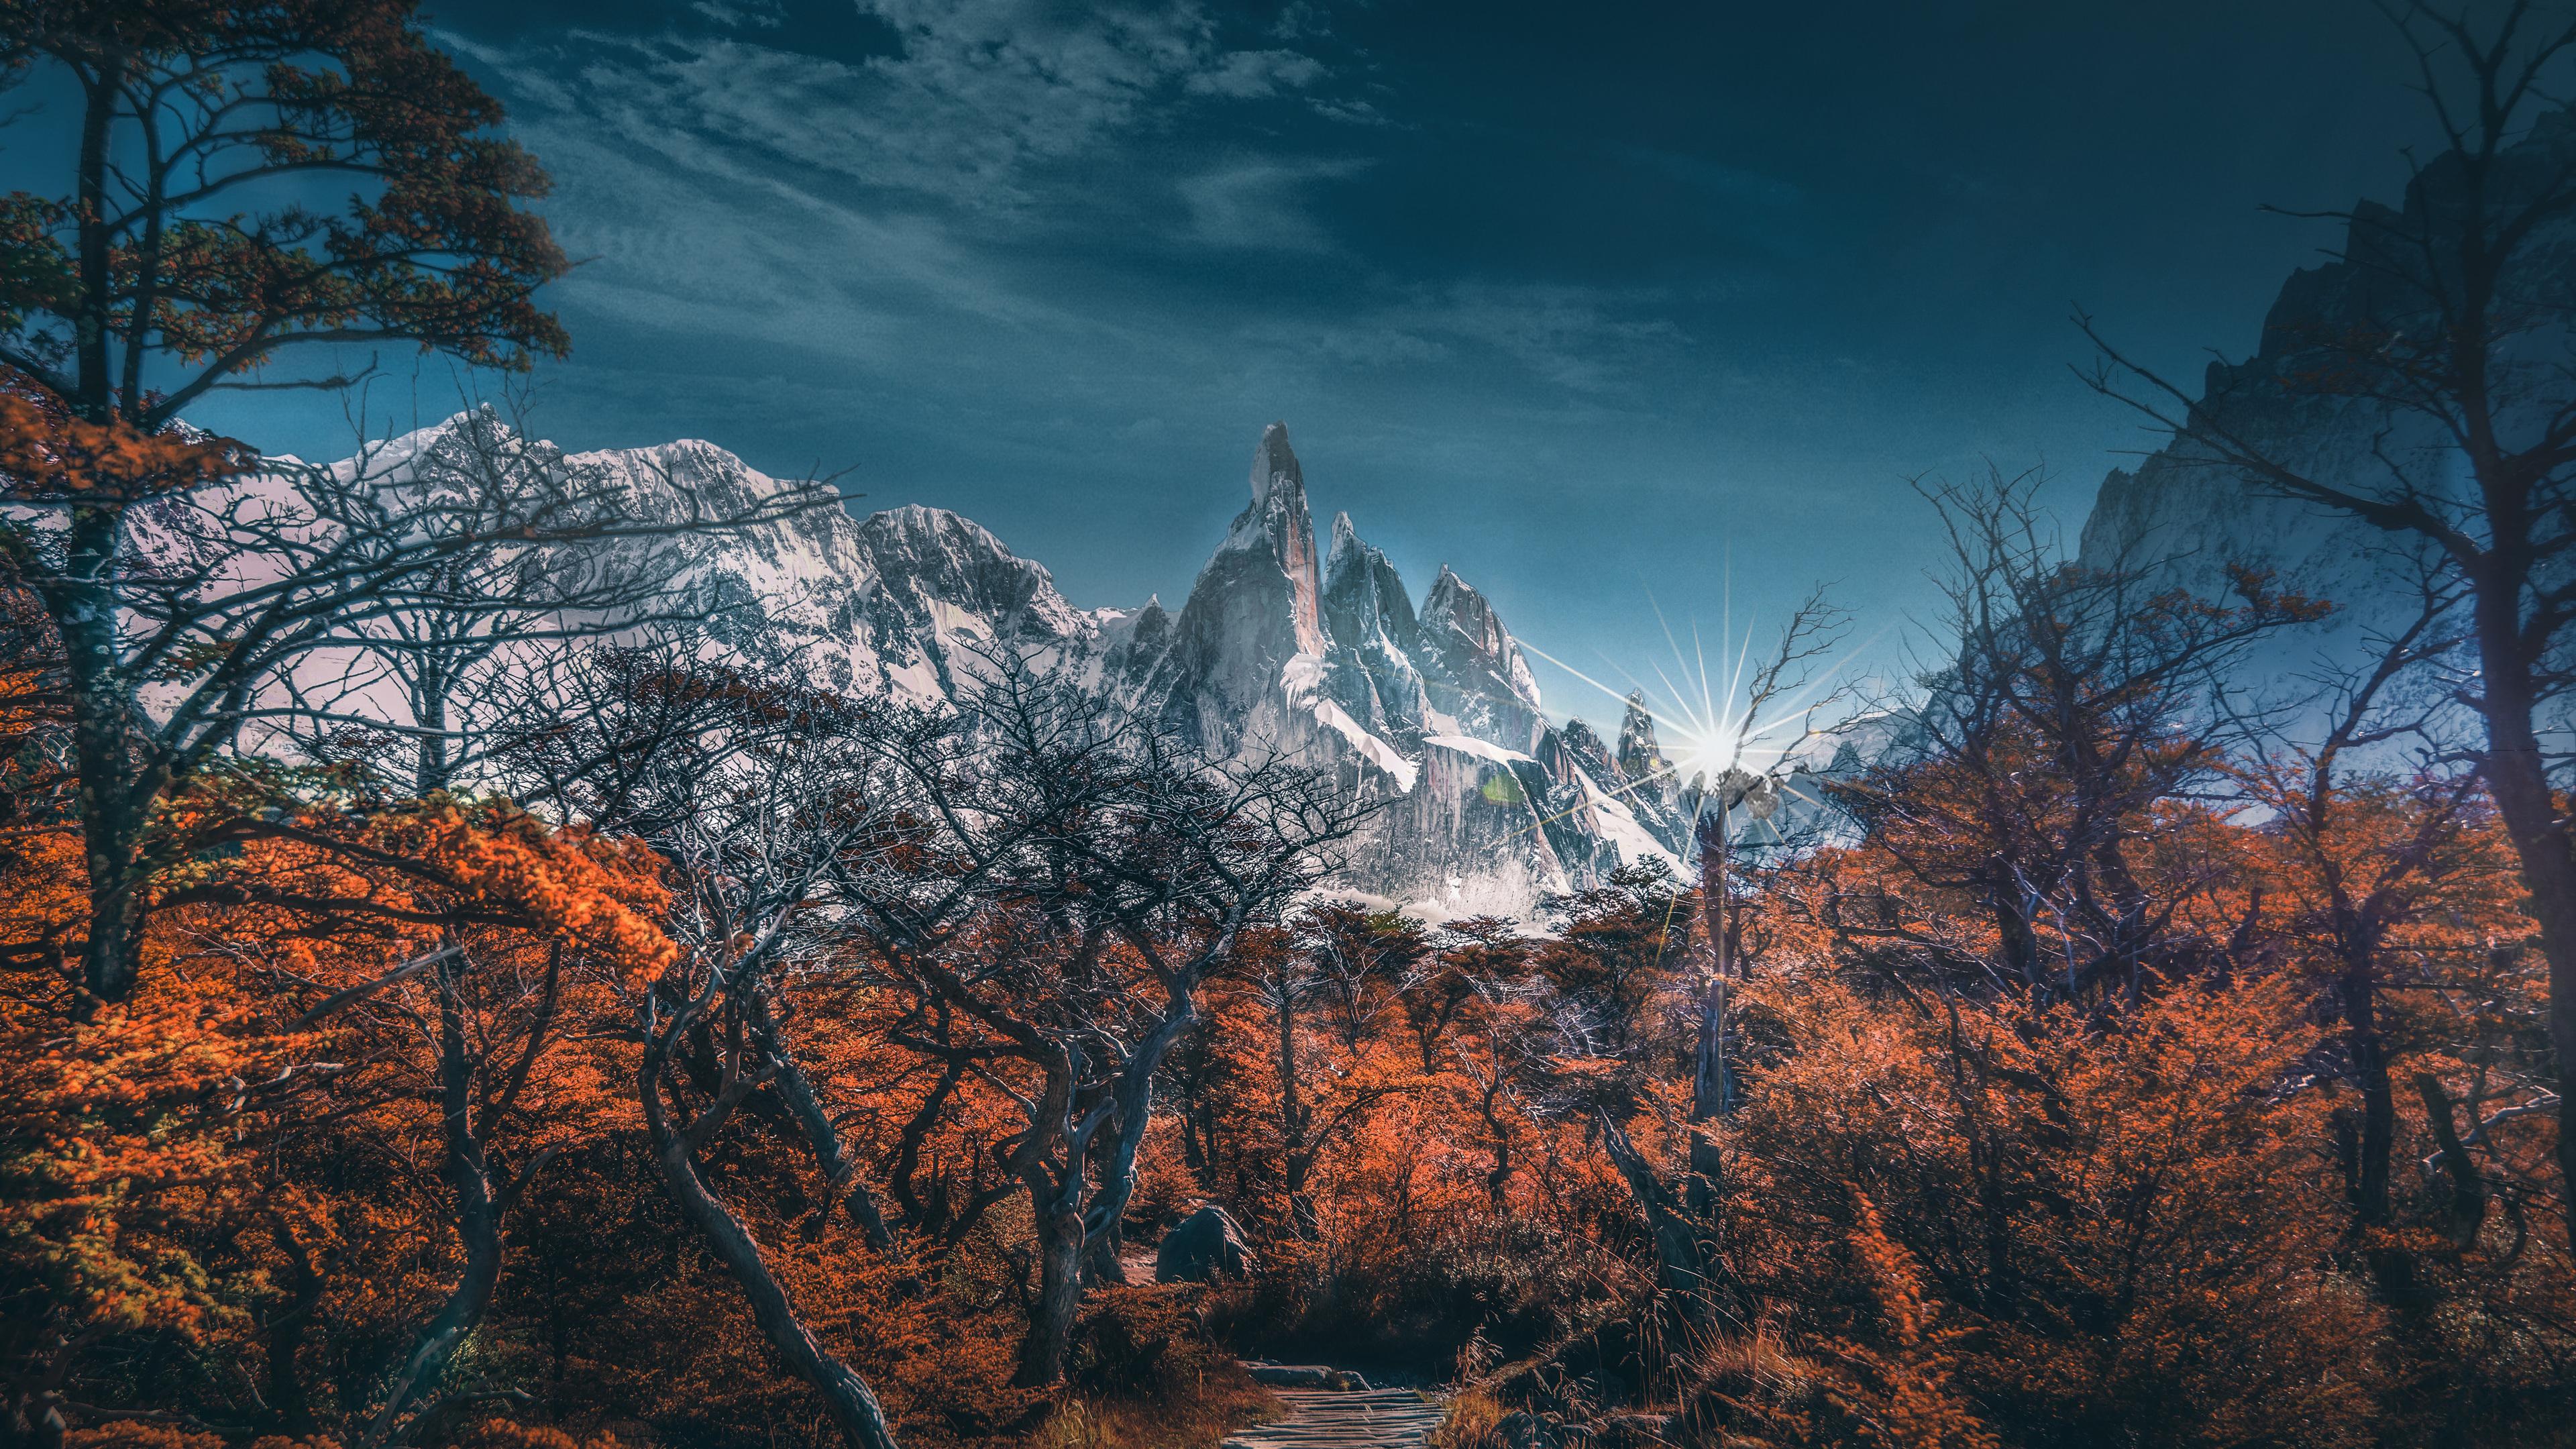 Wallpaper 4k Snowy Mountains Trees Landscape 4k Wallpaper 3840x2160